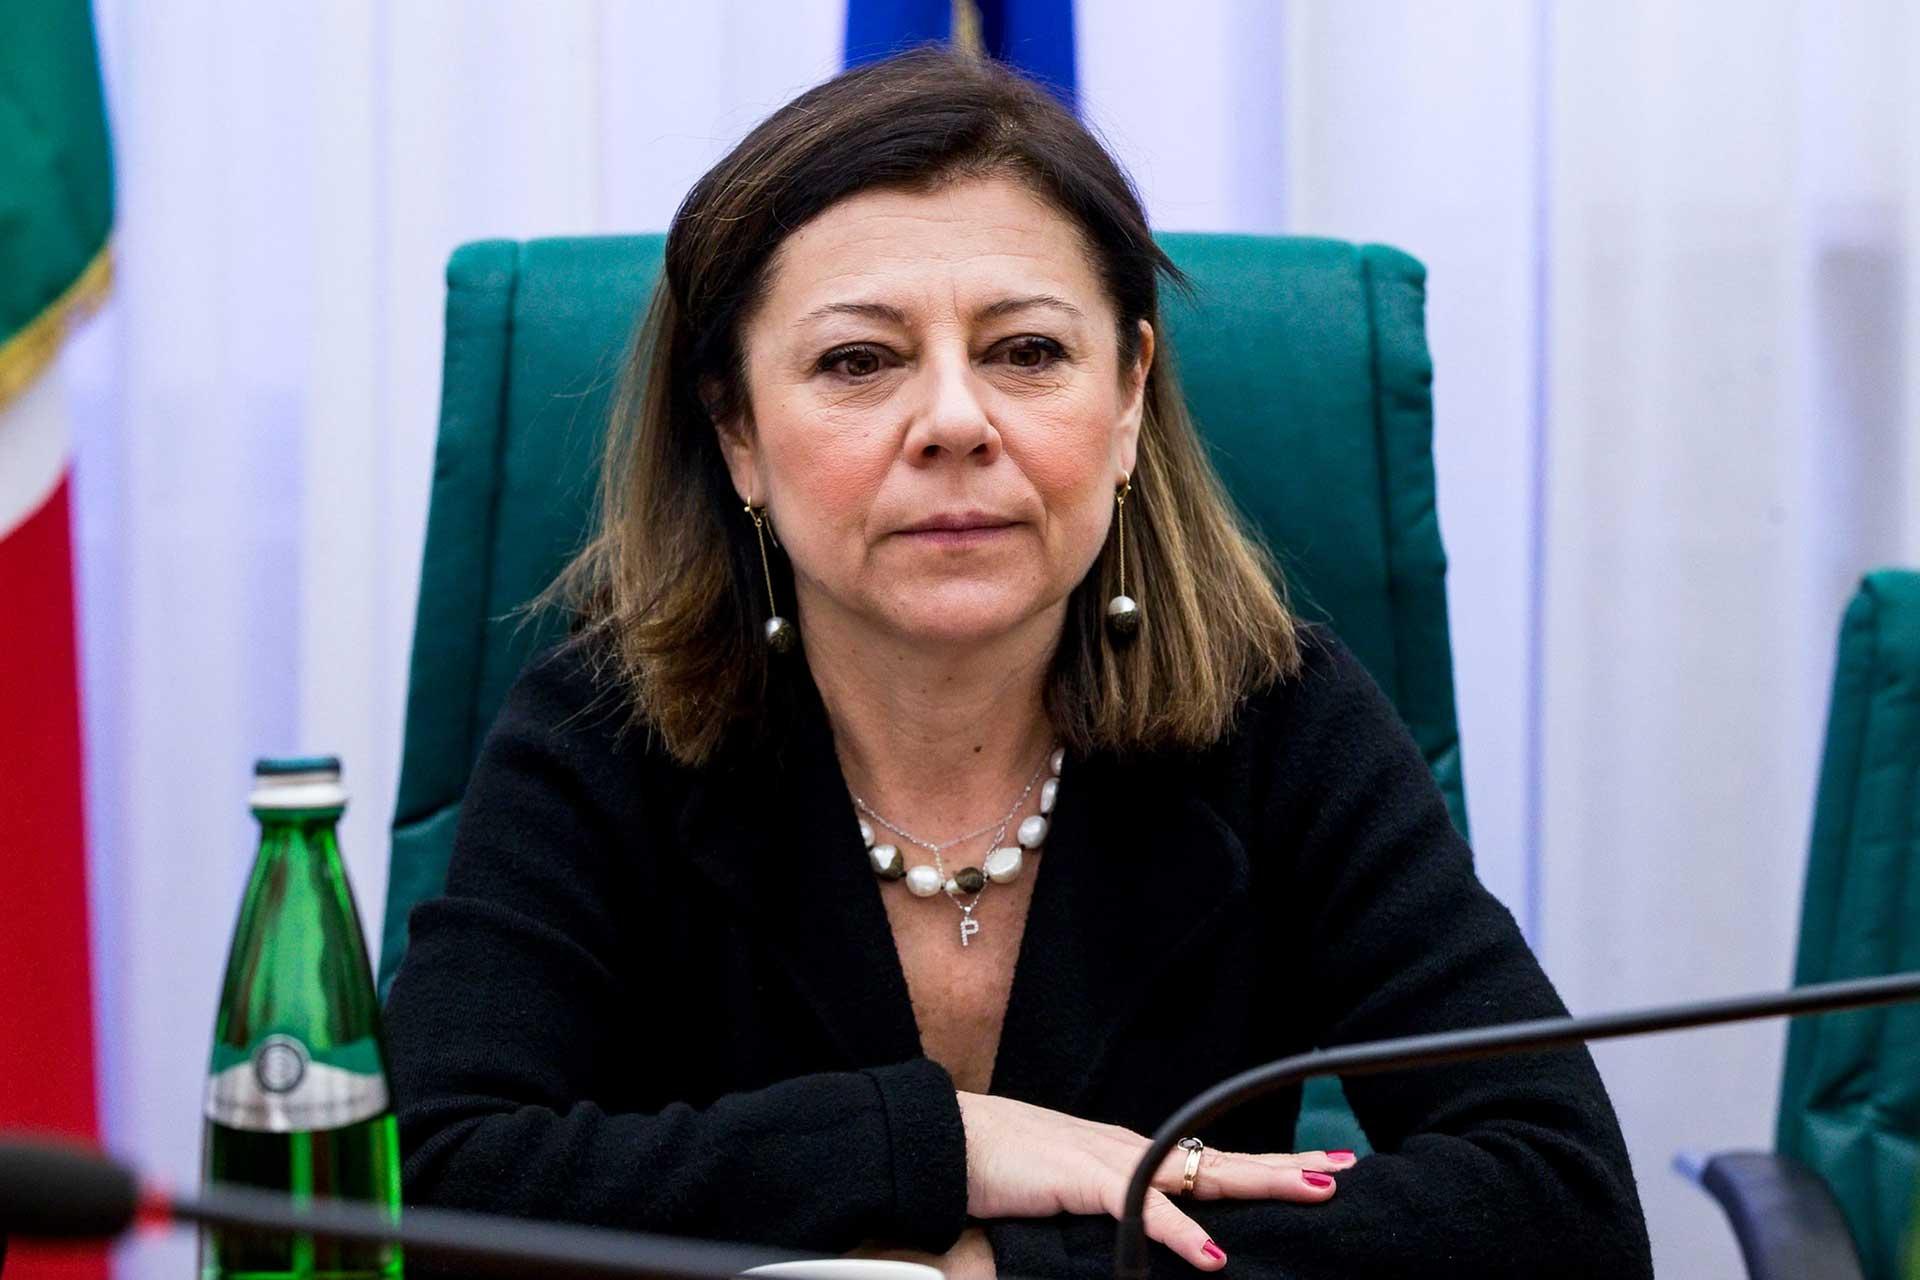 Paola De Micheli 20200423 0930 002 1920x1280 v3